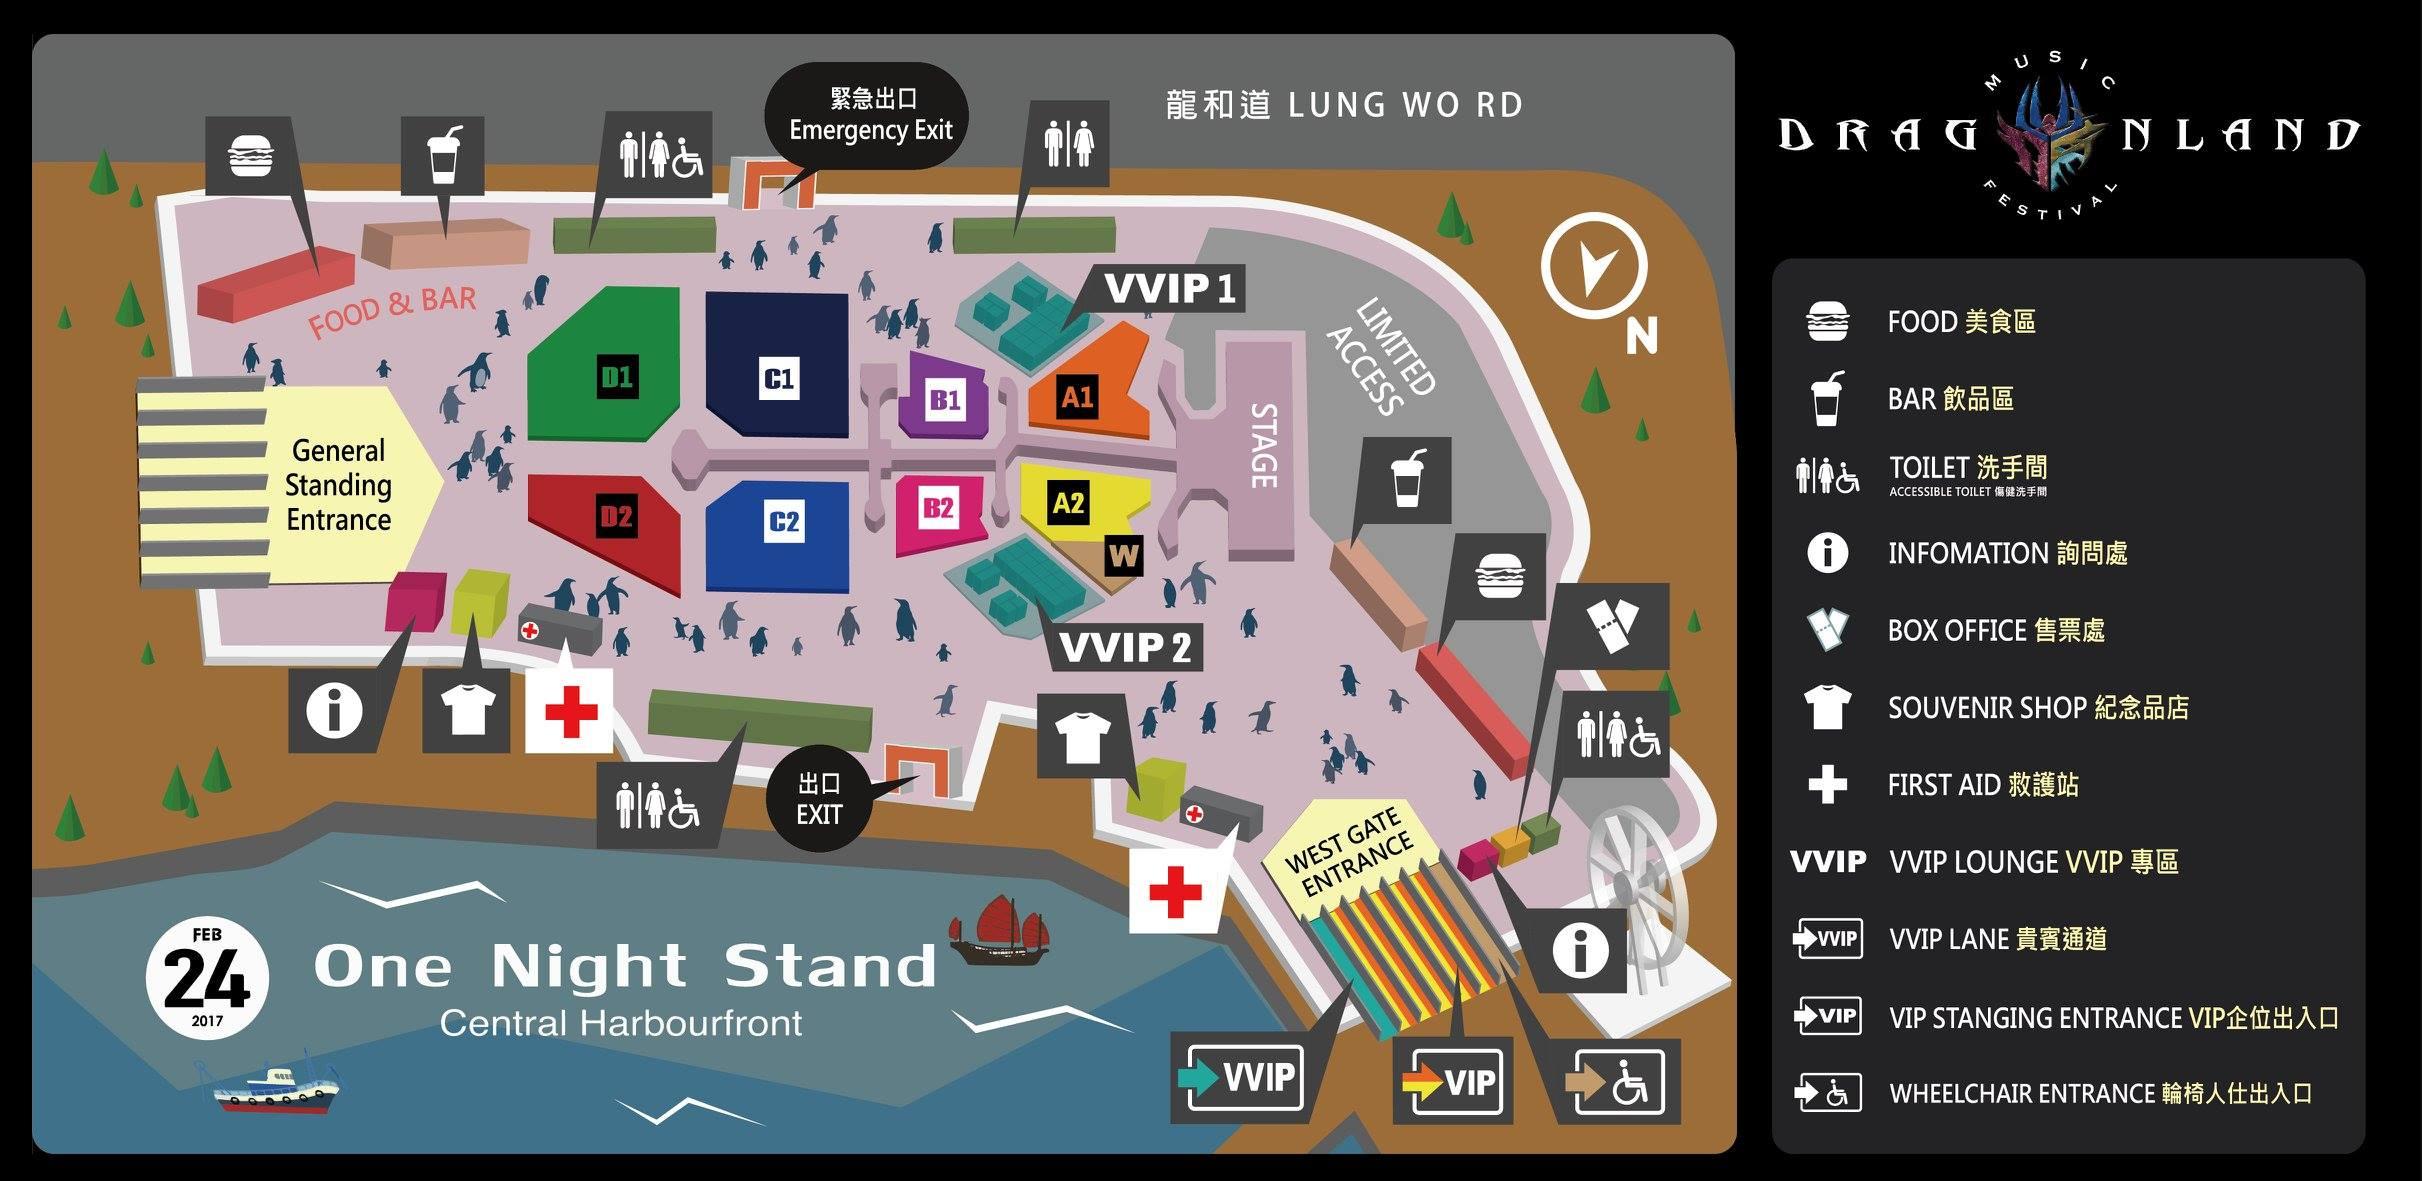 Day 1 Venue map